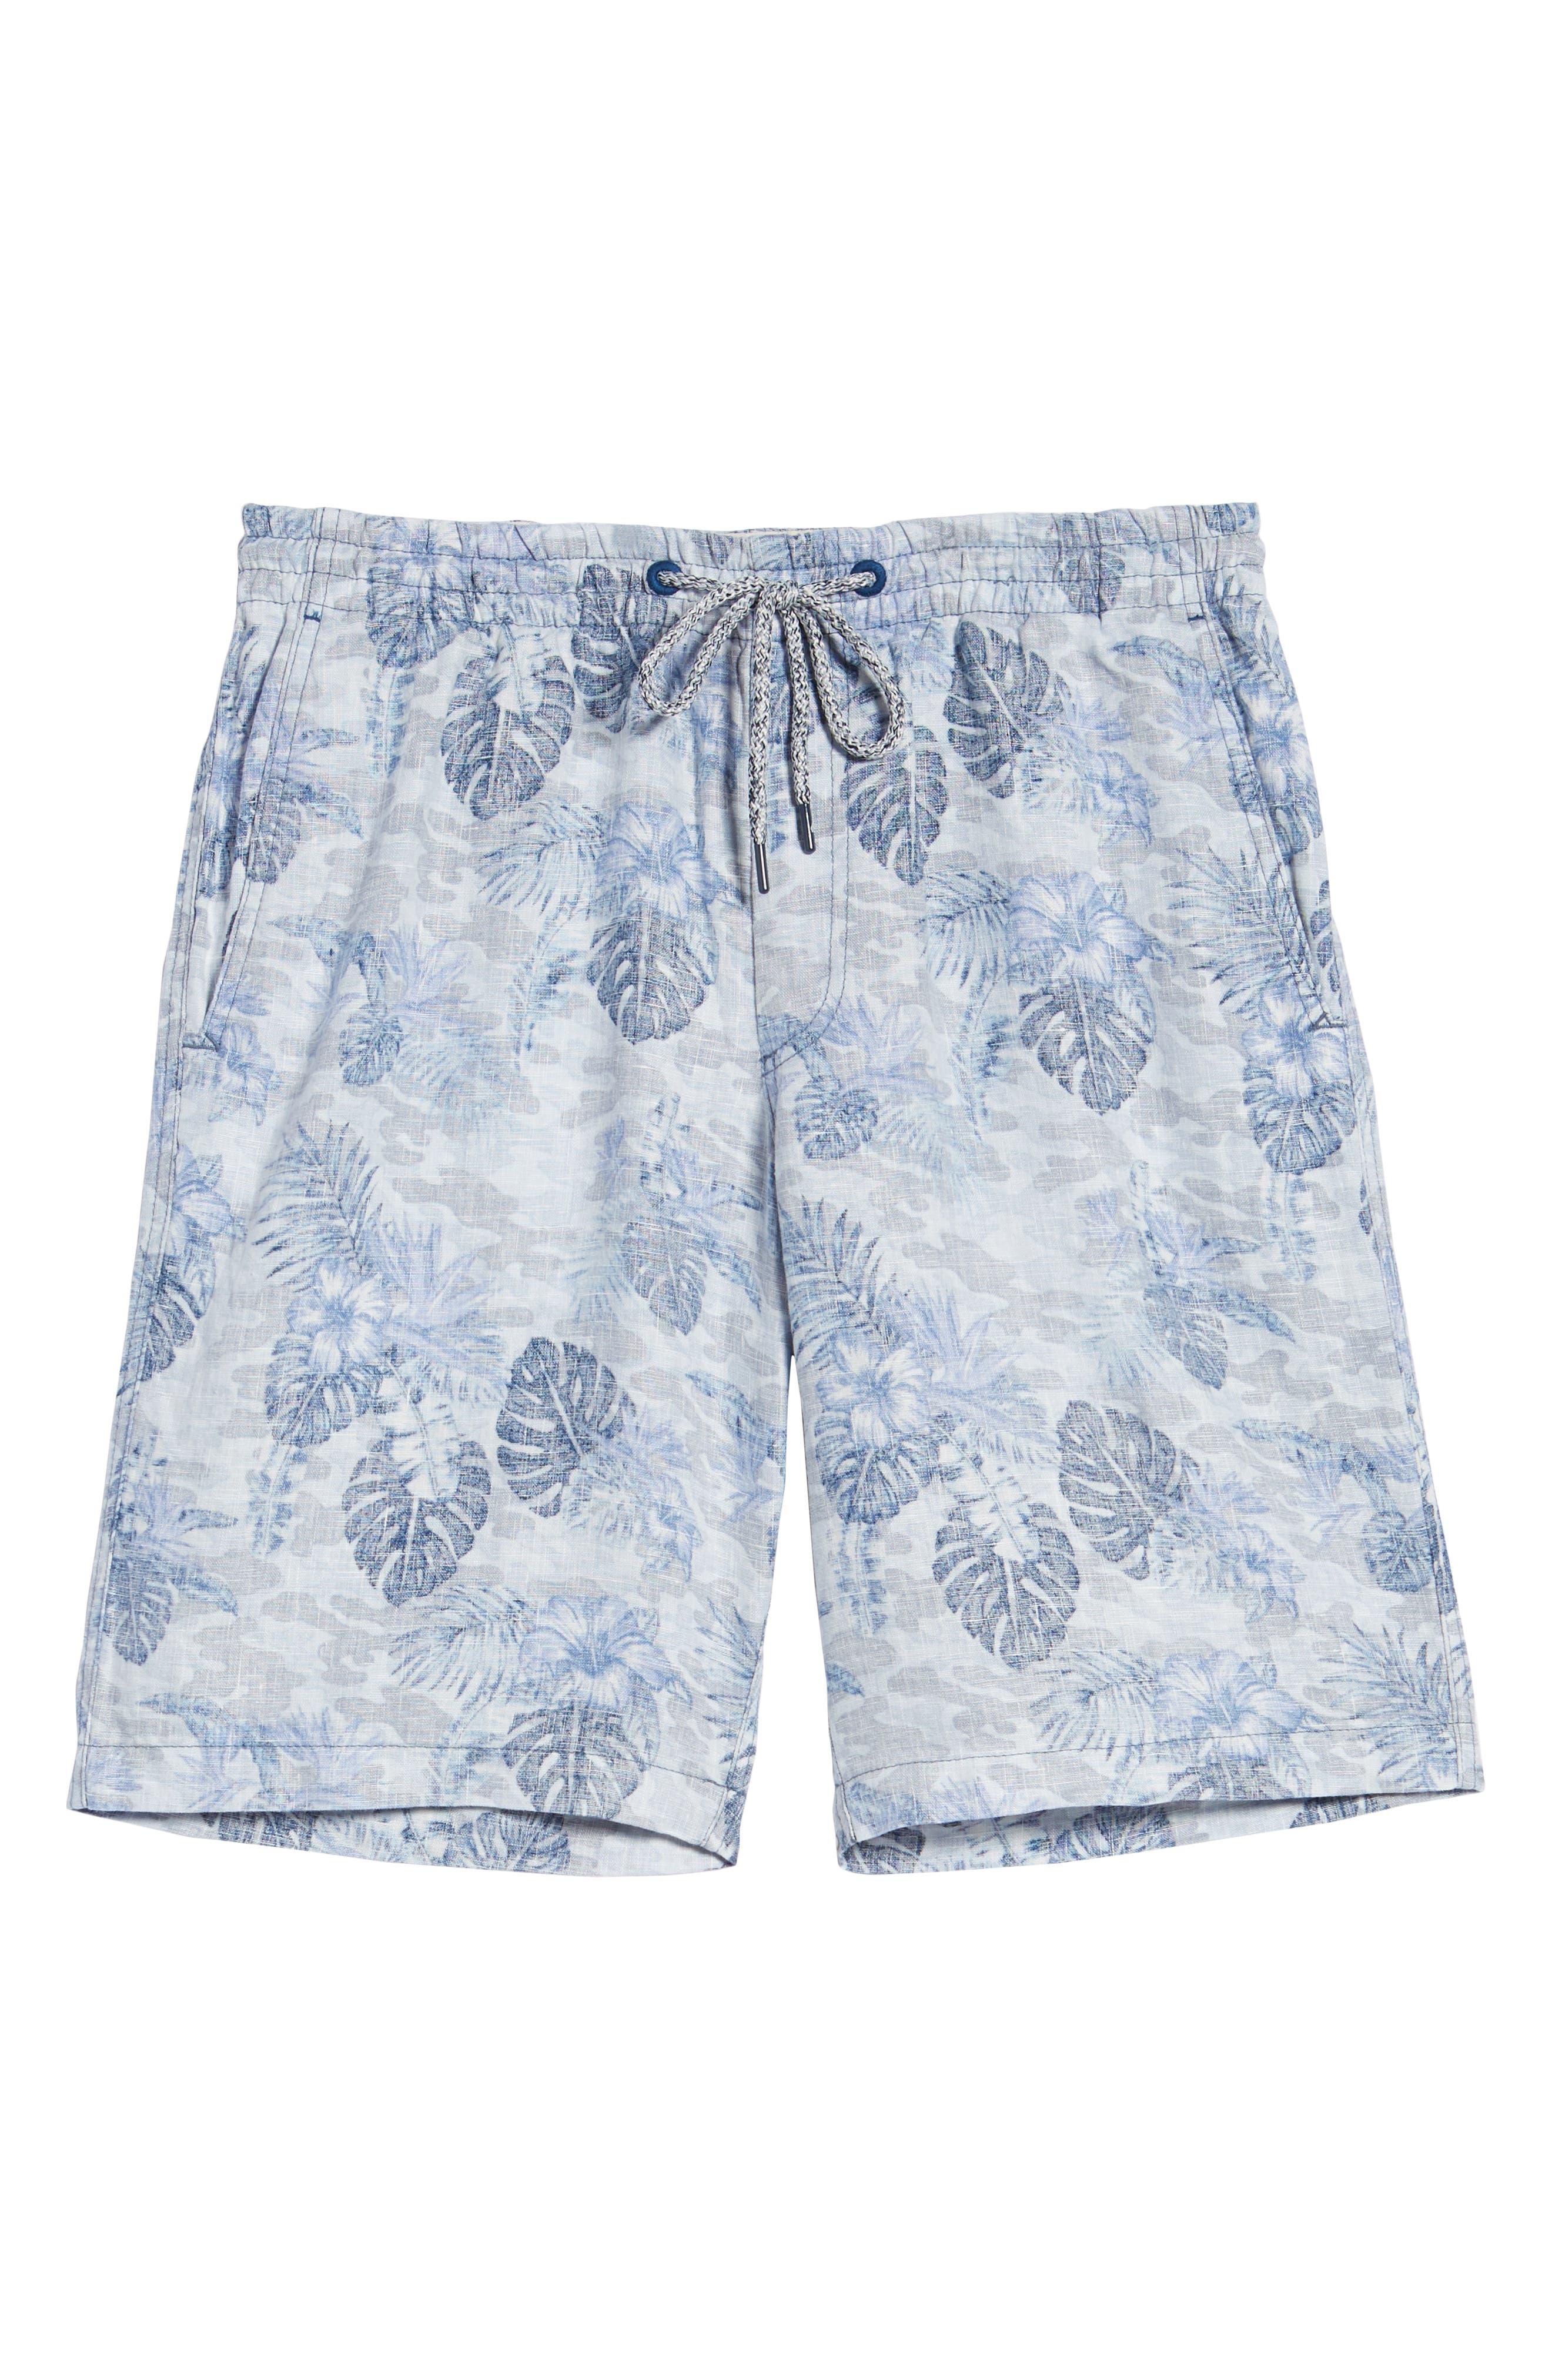 Tidal Palms Linen Shorts,                             Alternate thumbnail 6, color,                             400